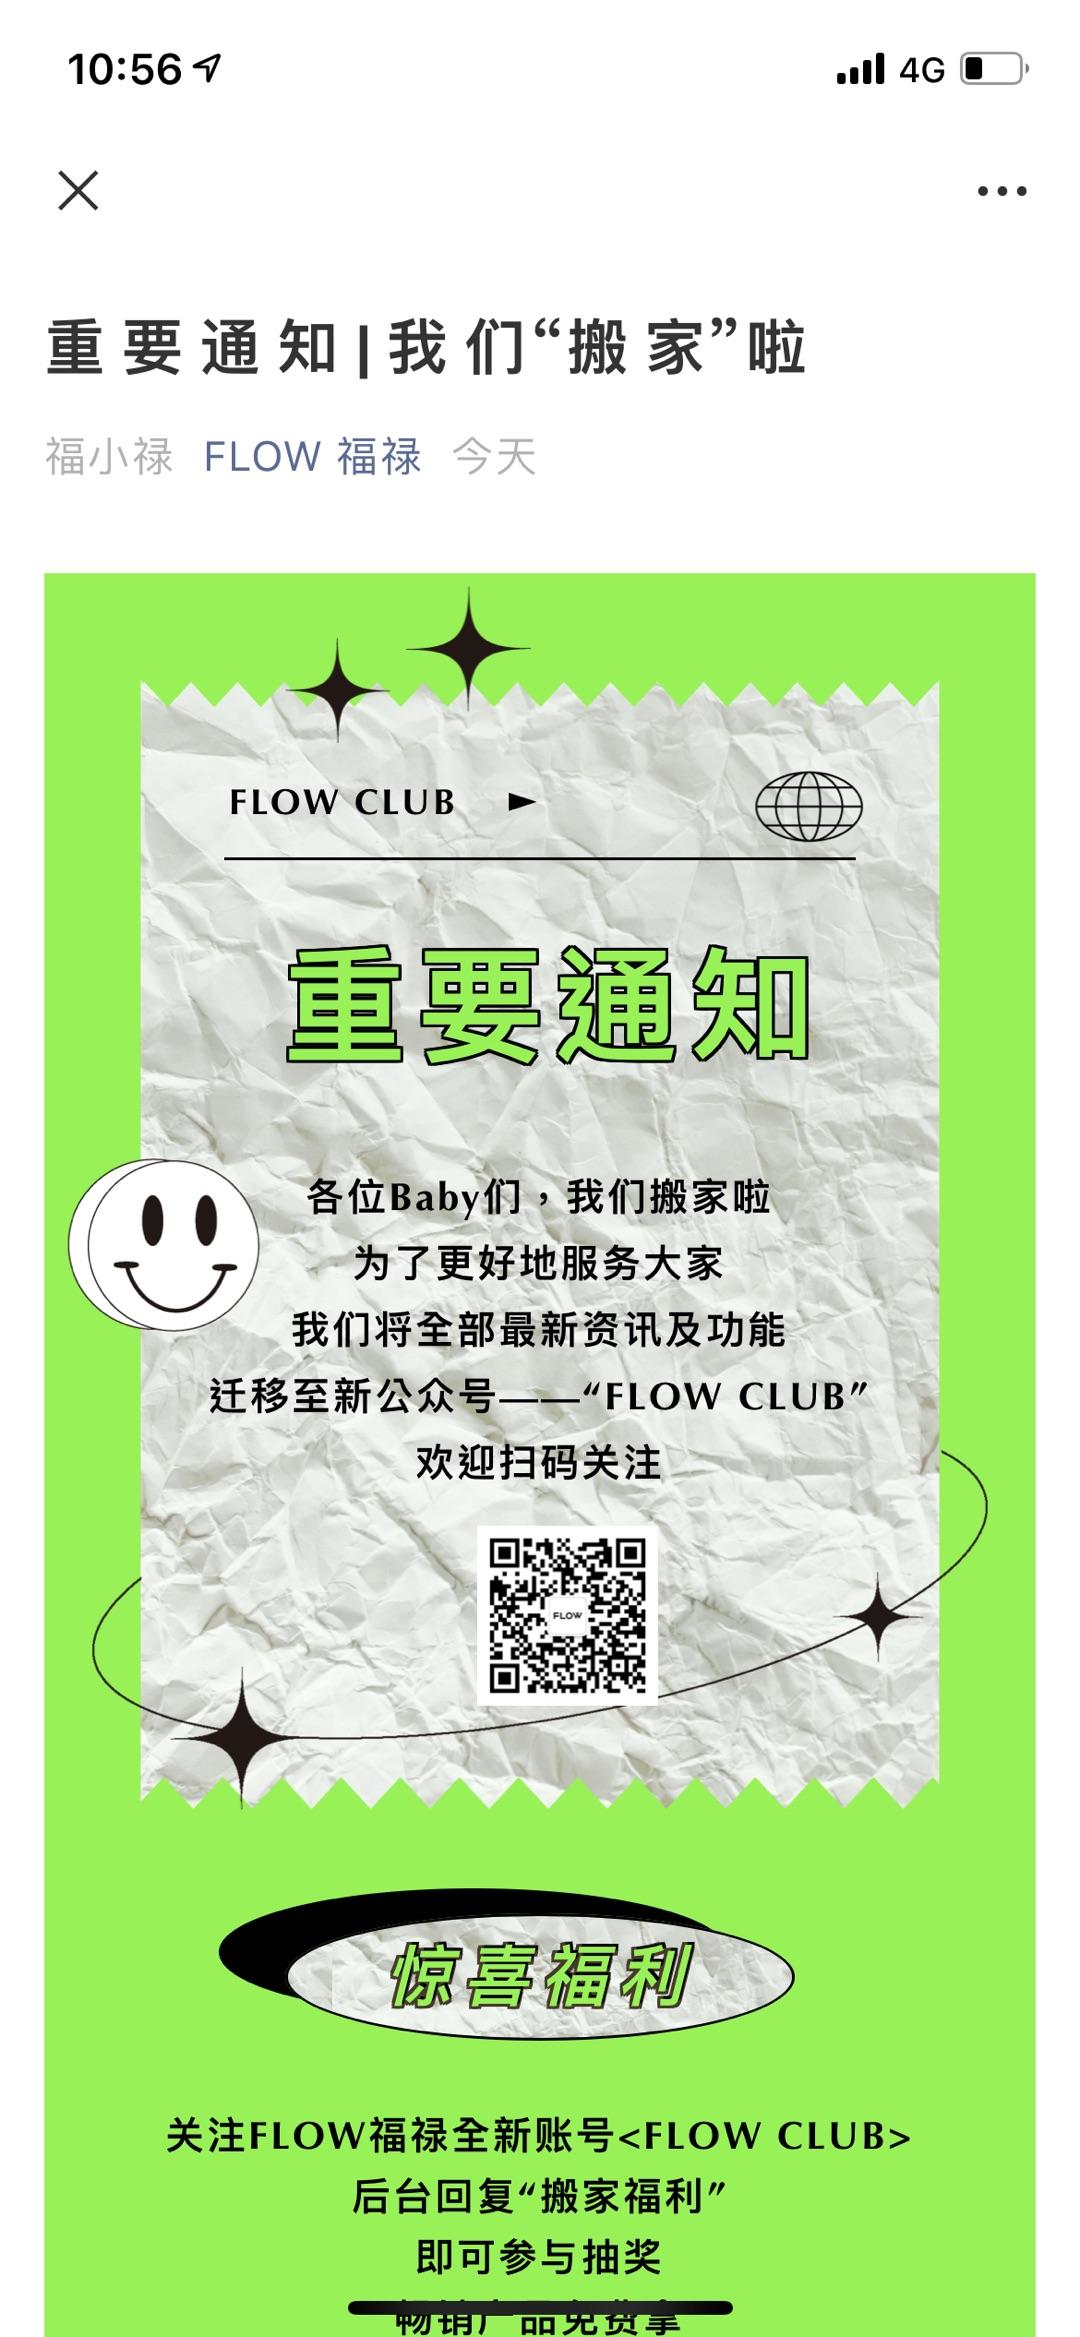 """""""福禄FLOW""""公众号被""""半封号"""",原公众号功能迁移至""""FLOW CLUB"""""""